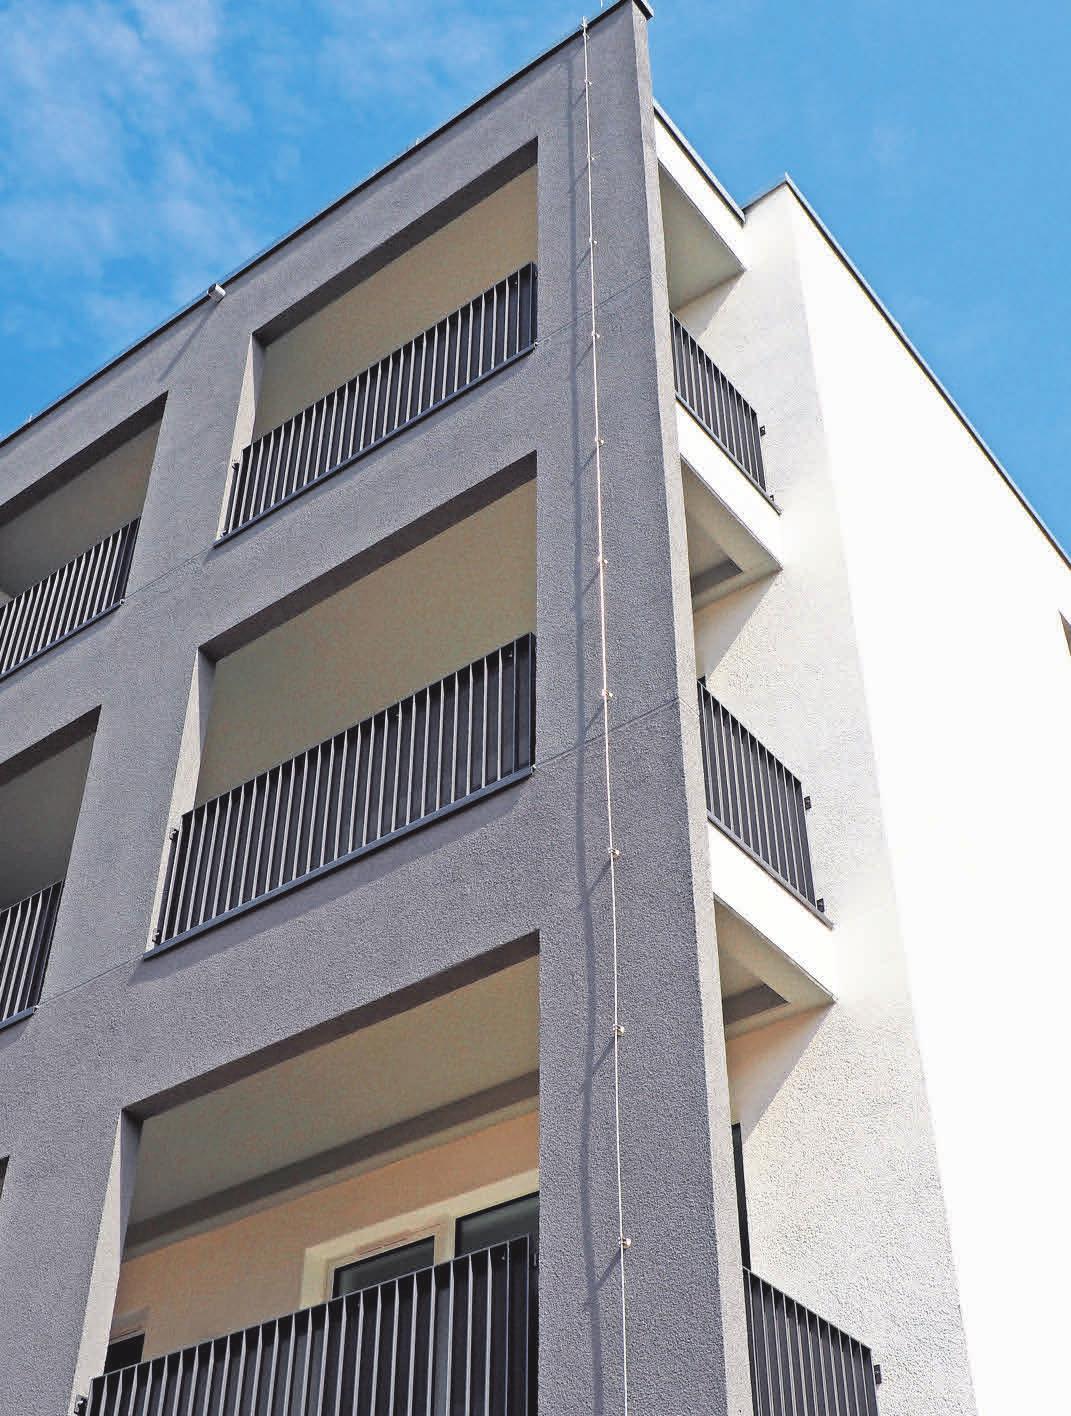 Die Wohnungen verfügen über große Balkone.